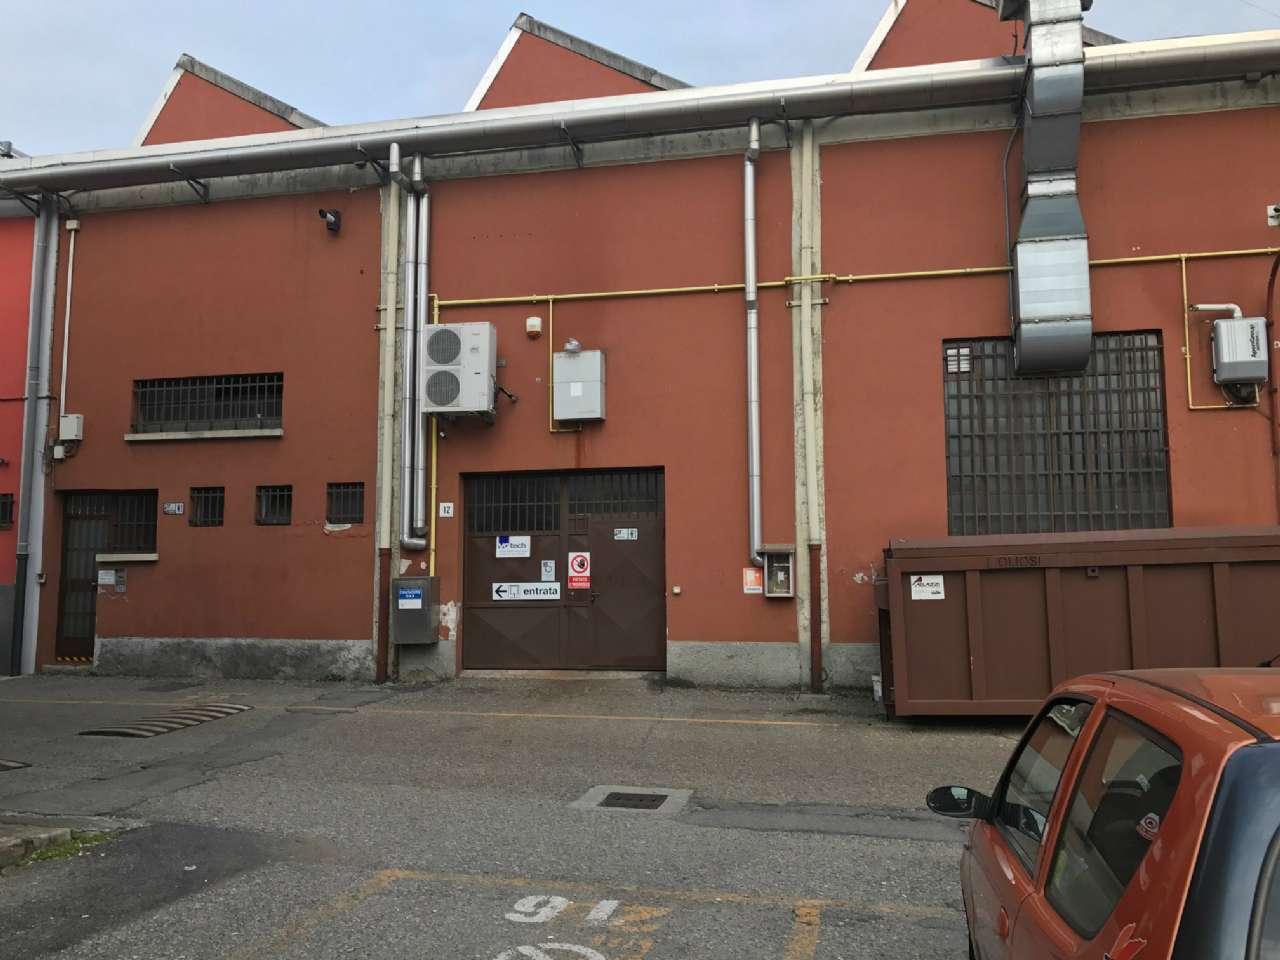 Capannone in vendita a Sesto San Giovanni, 1 locali, prezzo € 460.000 | Cambio Casa.it